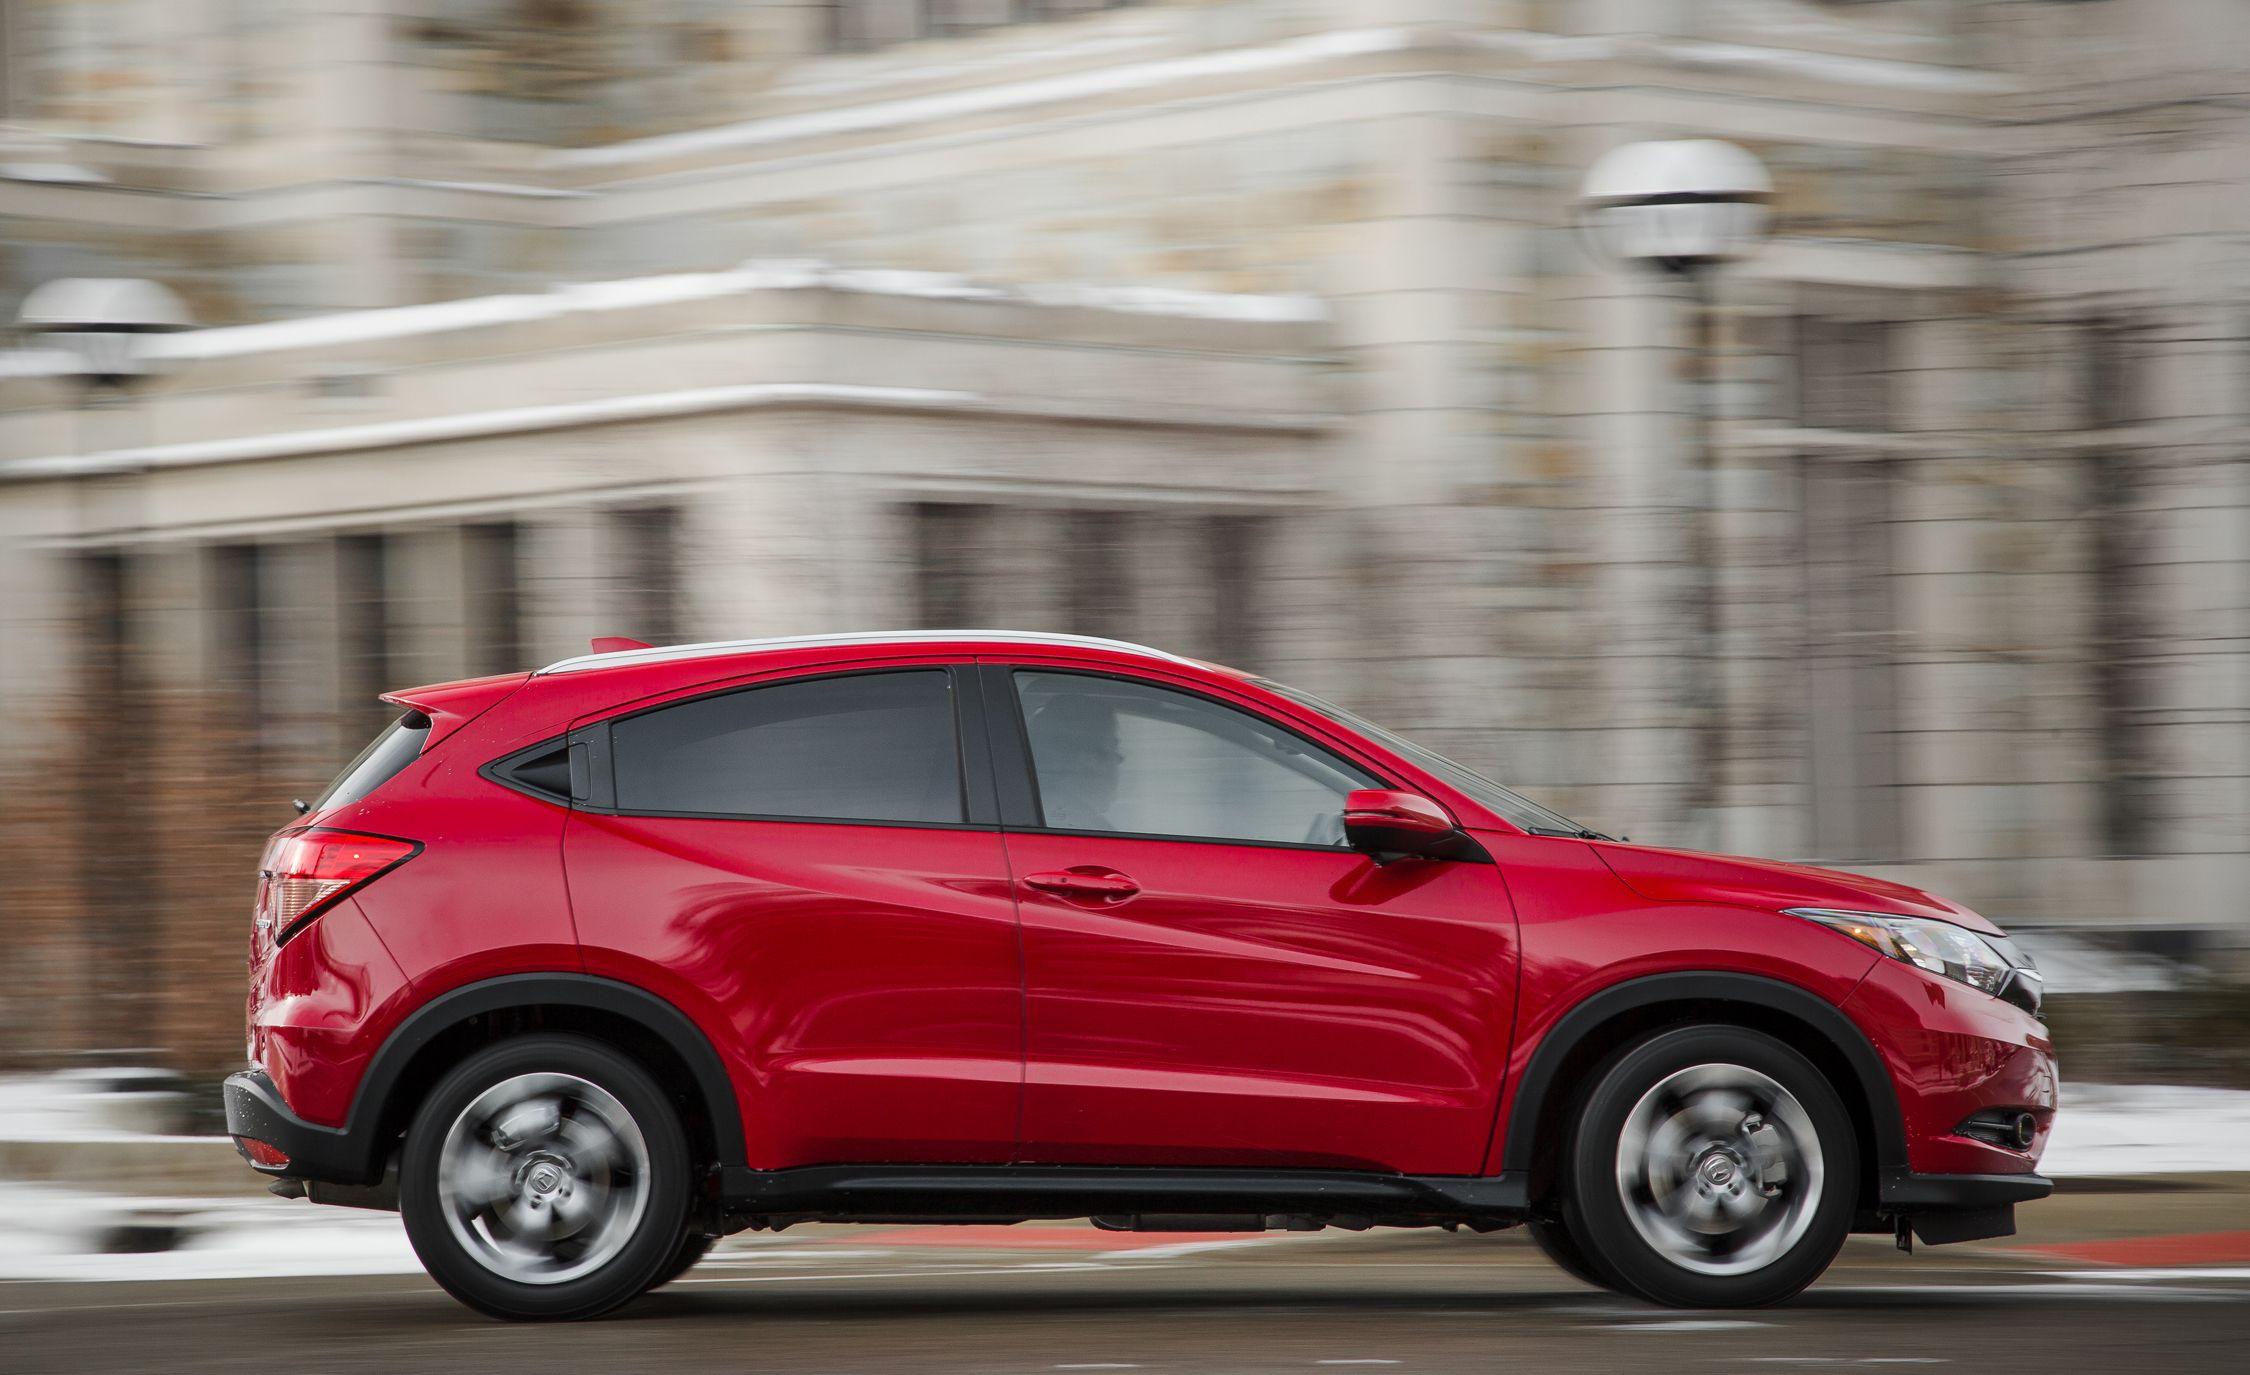 2018 Honda HR-V | Interior Review | Car and Driver